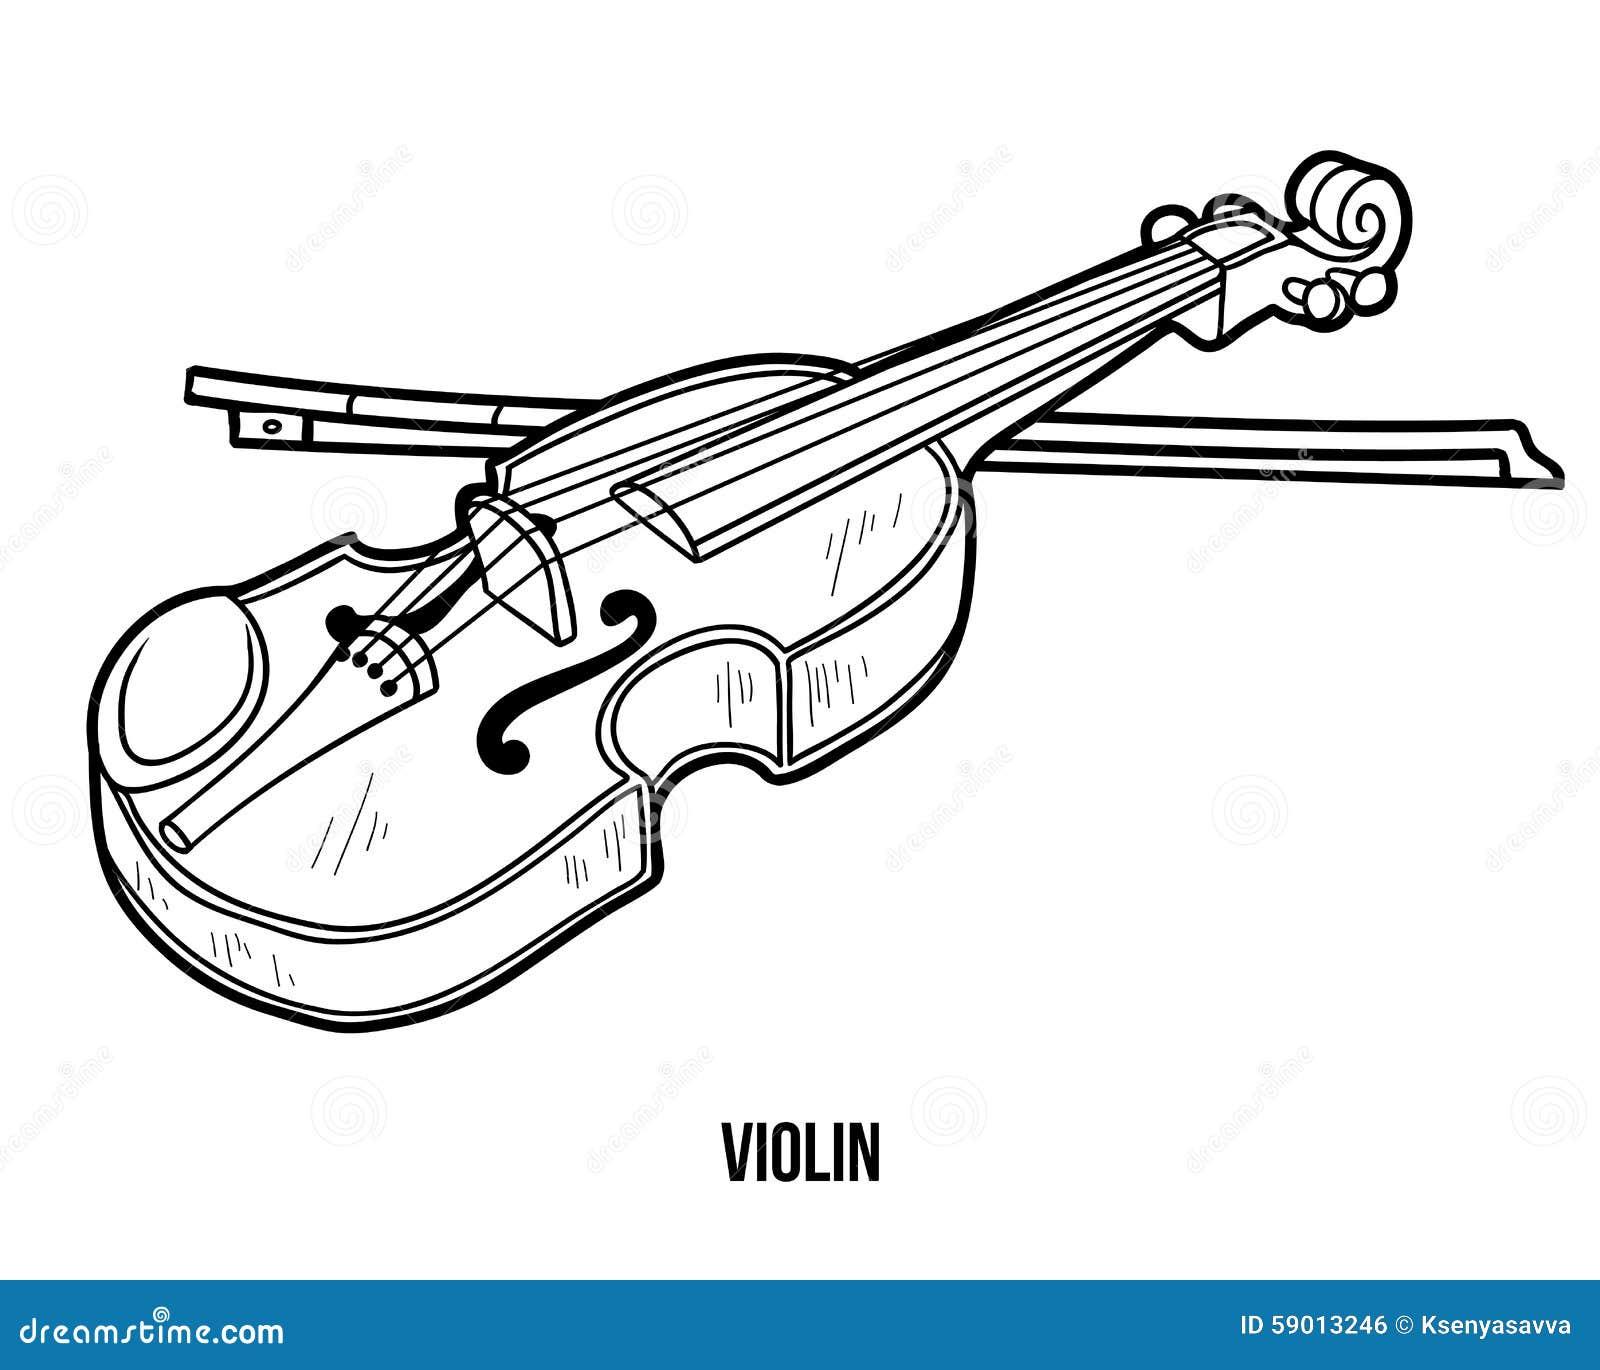 Livro para colorir instrumentos musicais violino - Note musicali da colorare pagina da colorare ...